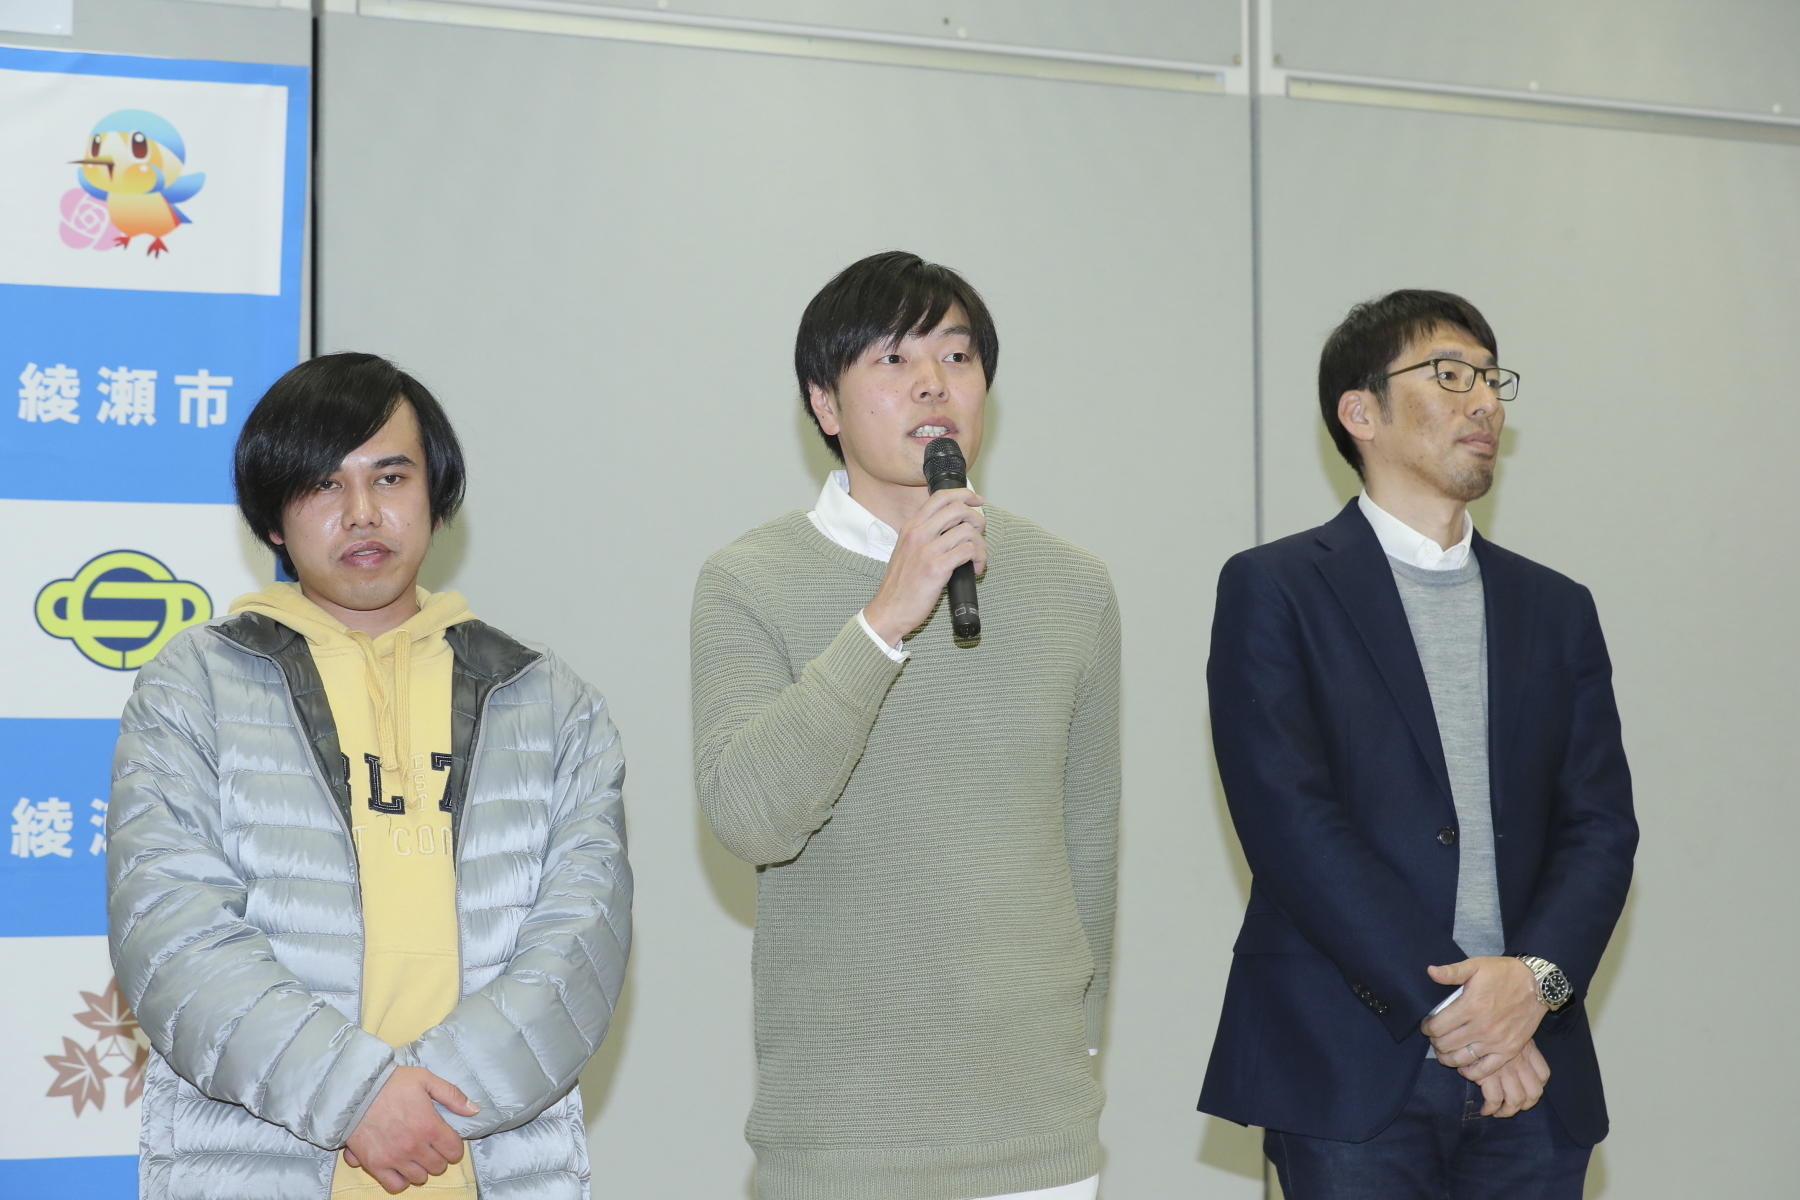 http://news.yoshimoto.co.jp/20190115224220-b782d4bbfdb6199b1b6c01121d1b23d5e98e00a2.jpg